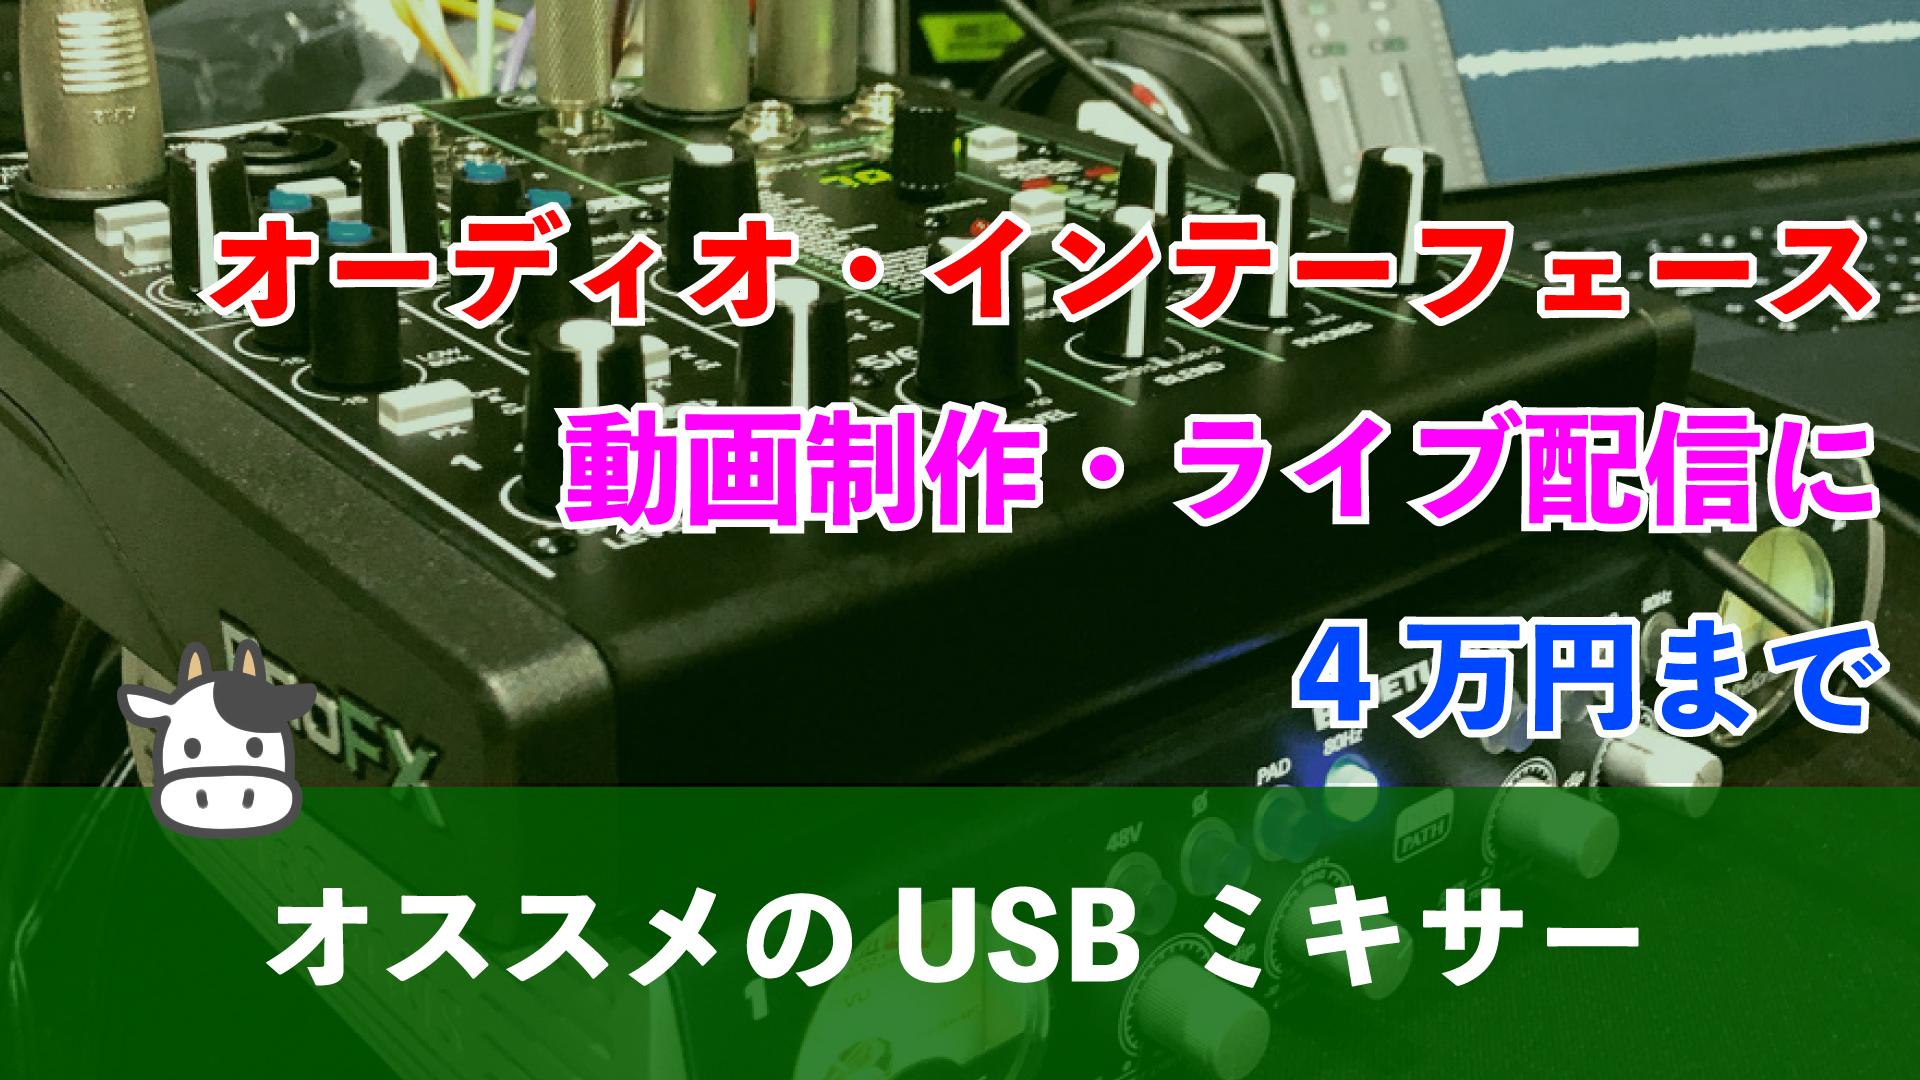 オススメのUSBミキサー【オーディオインターフェース】低価格【動画・ライブ配信に】